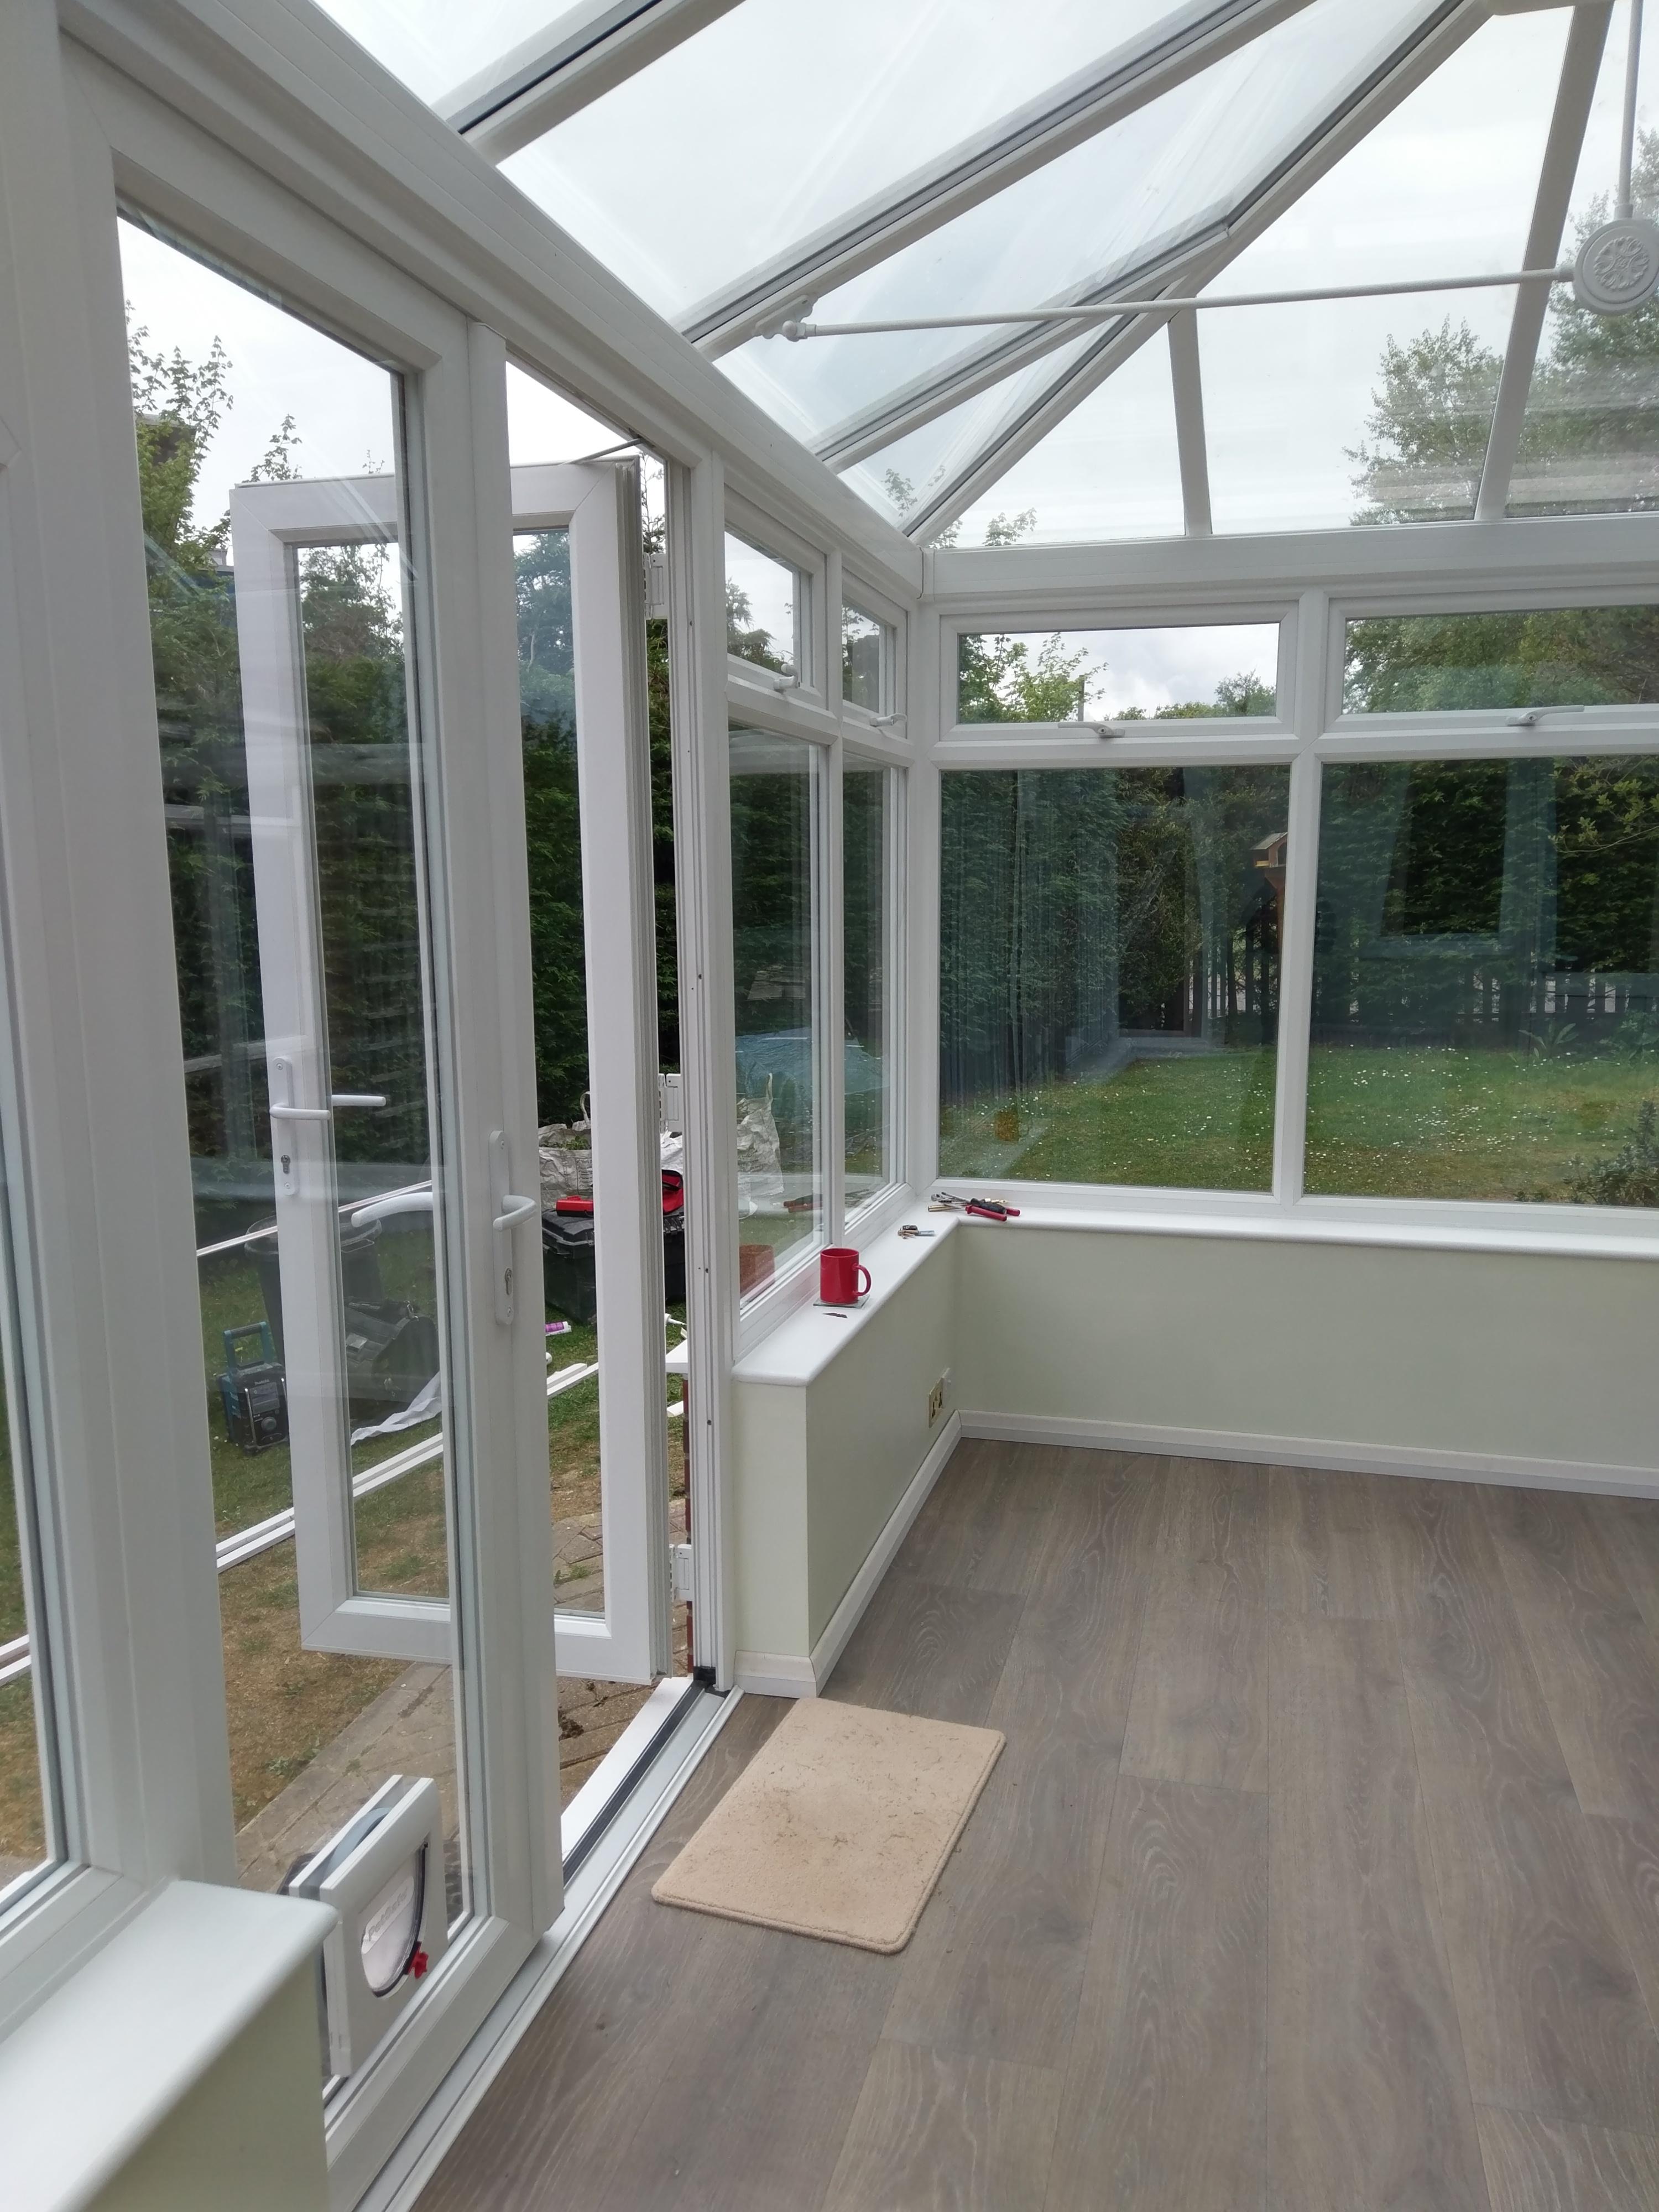 kommerling conservatory4